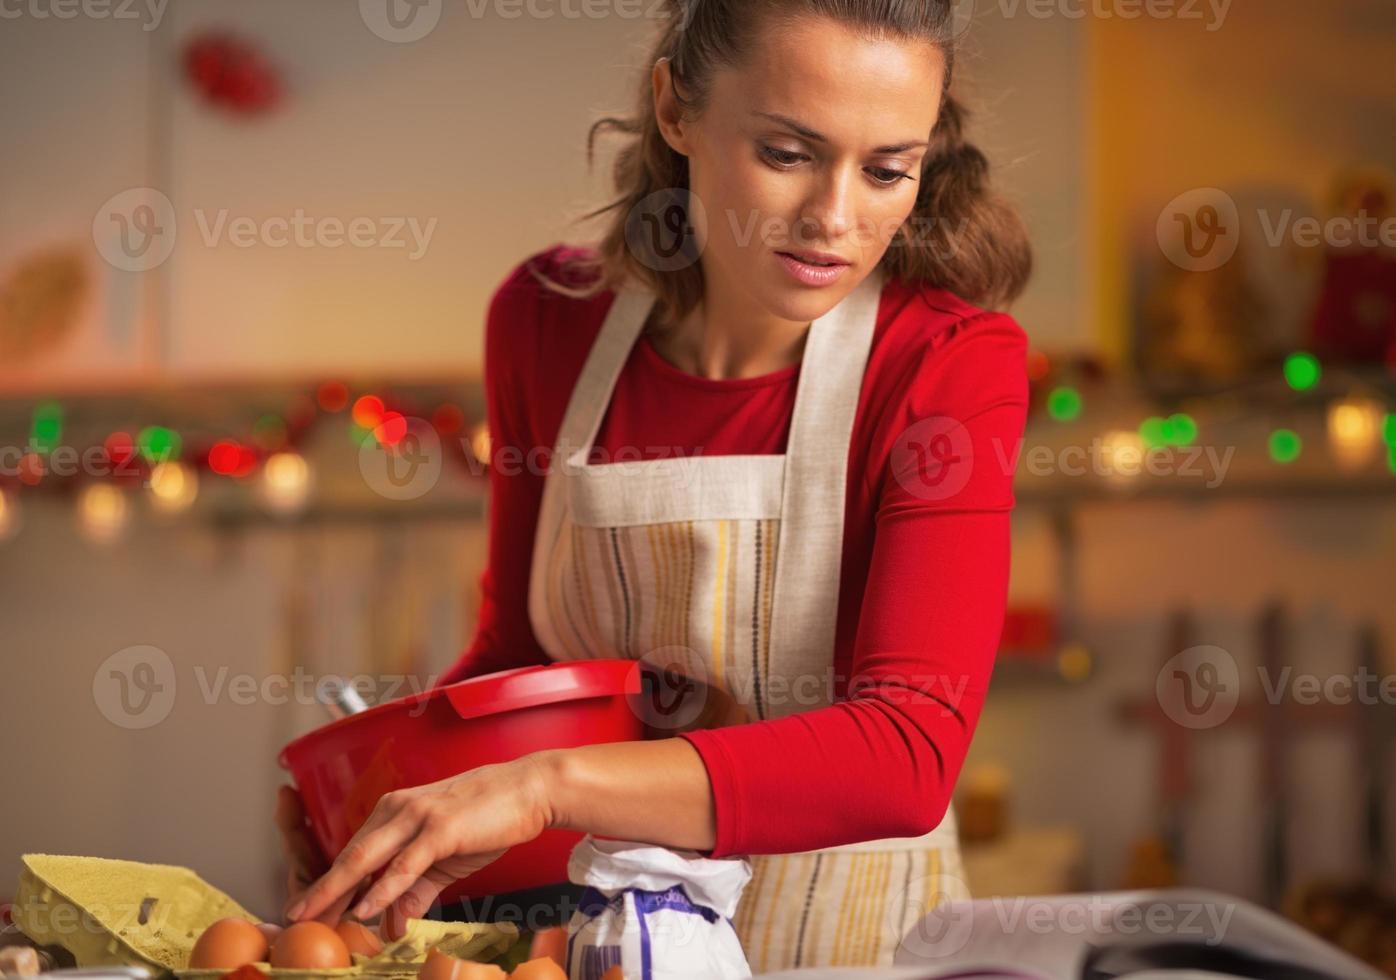 junge Hausfrau bereitet Weihnachtsessen in der Küche vor foto